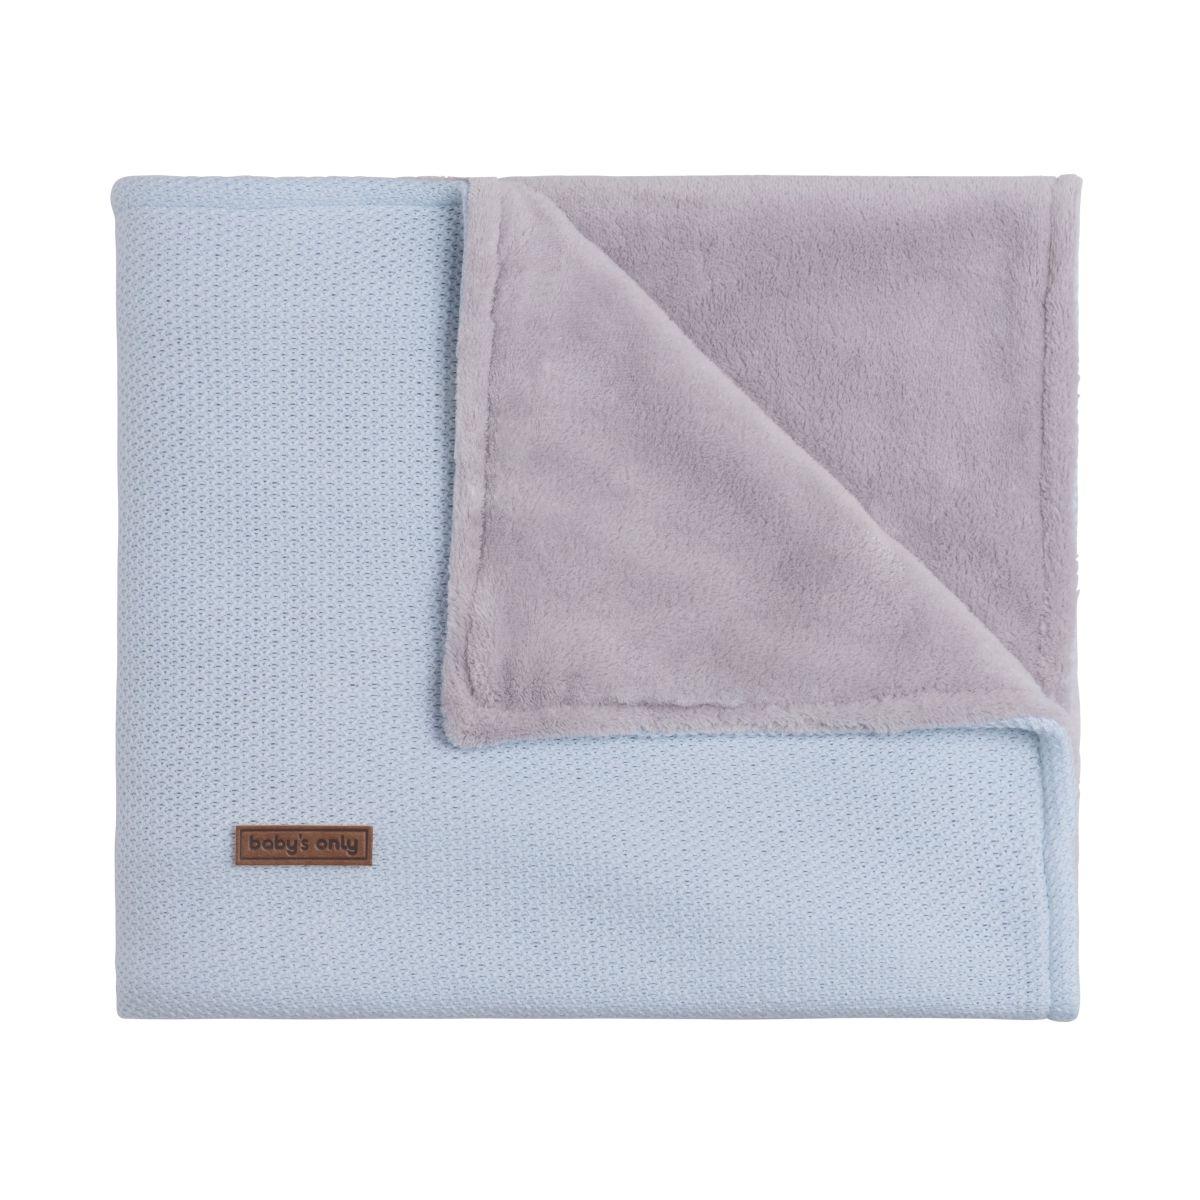 couverture berceau teddy classic poudre bleu